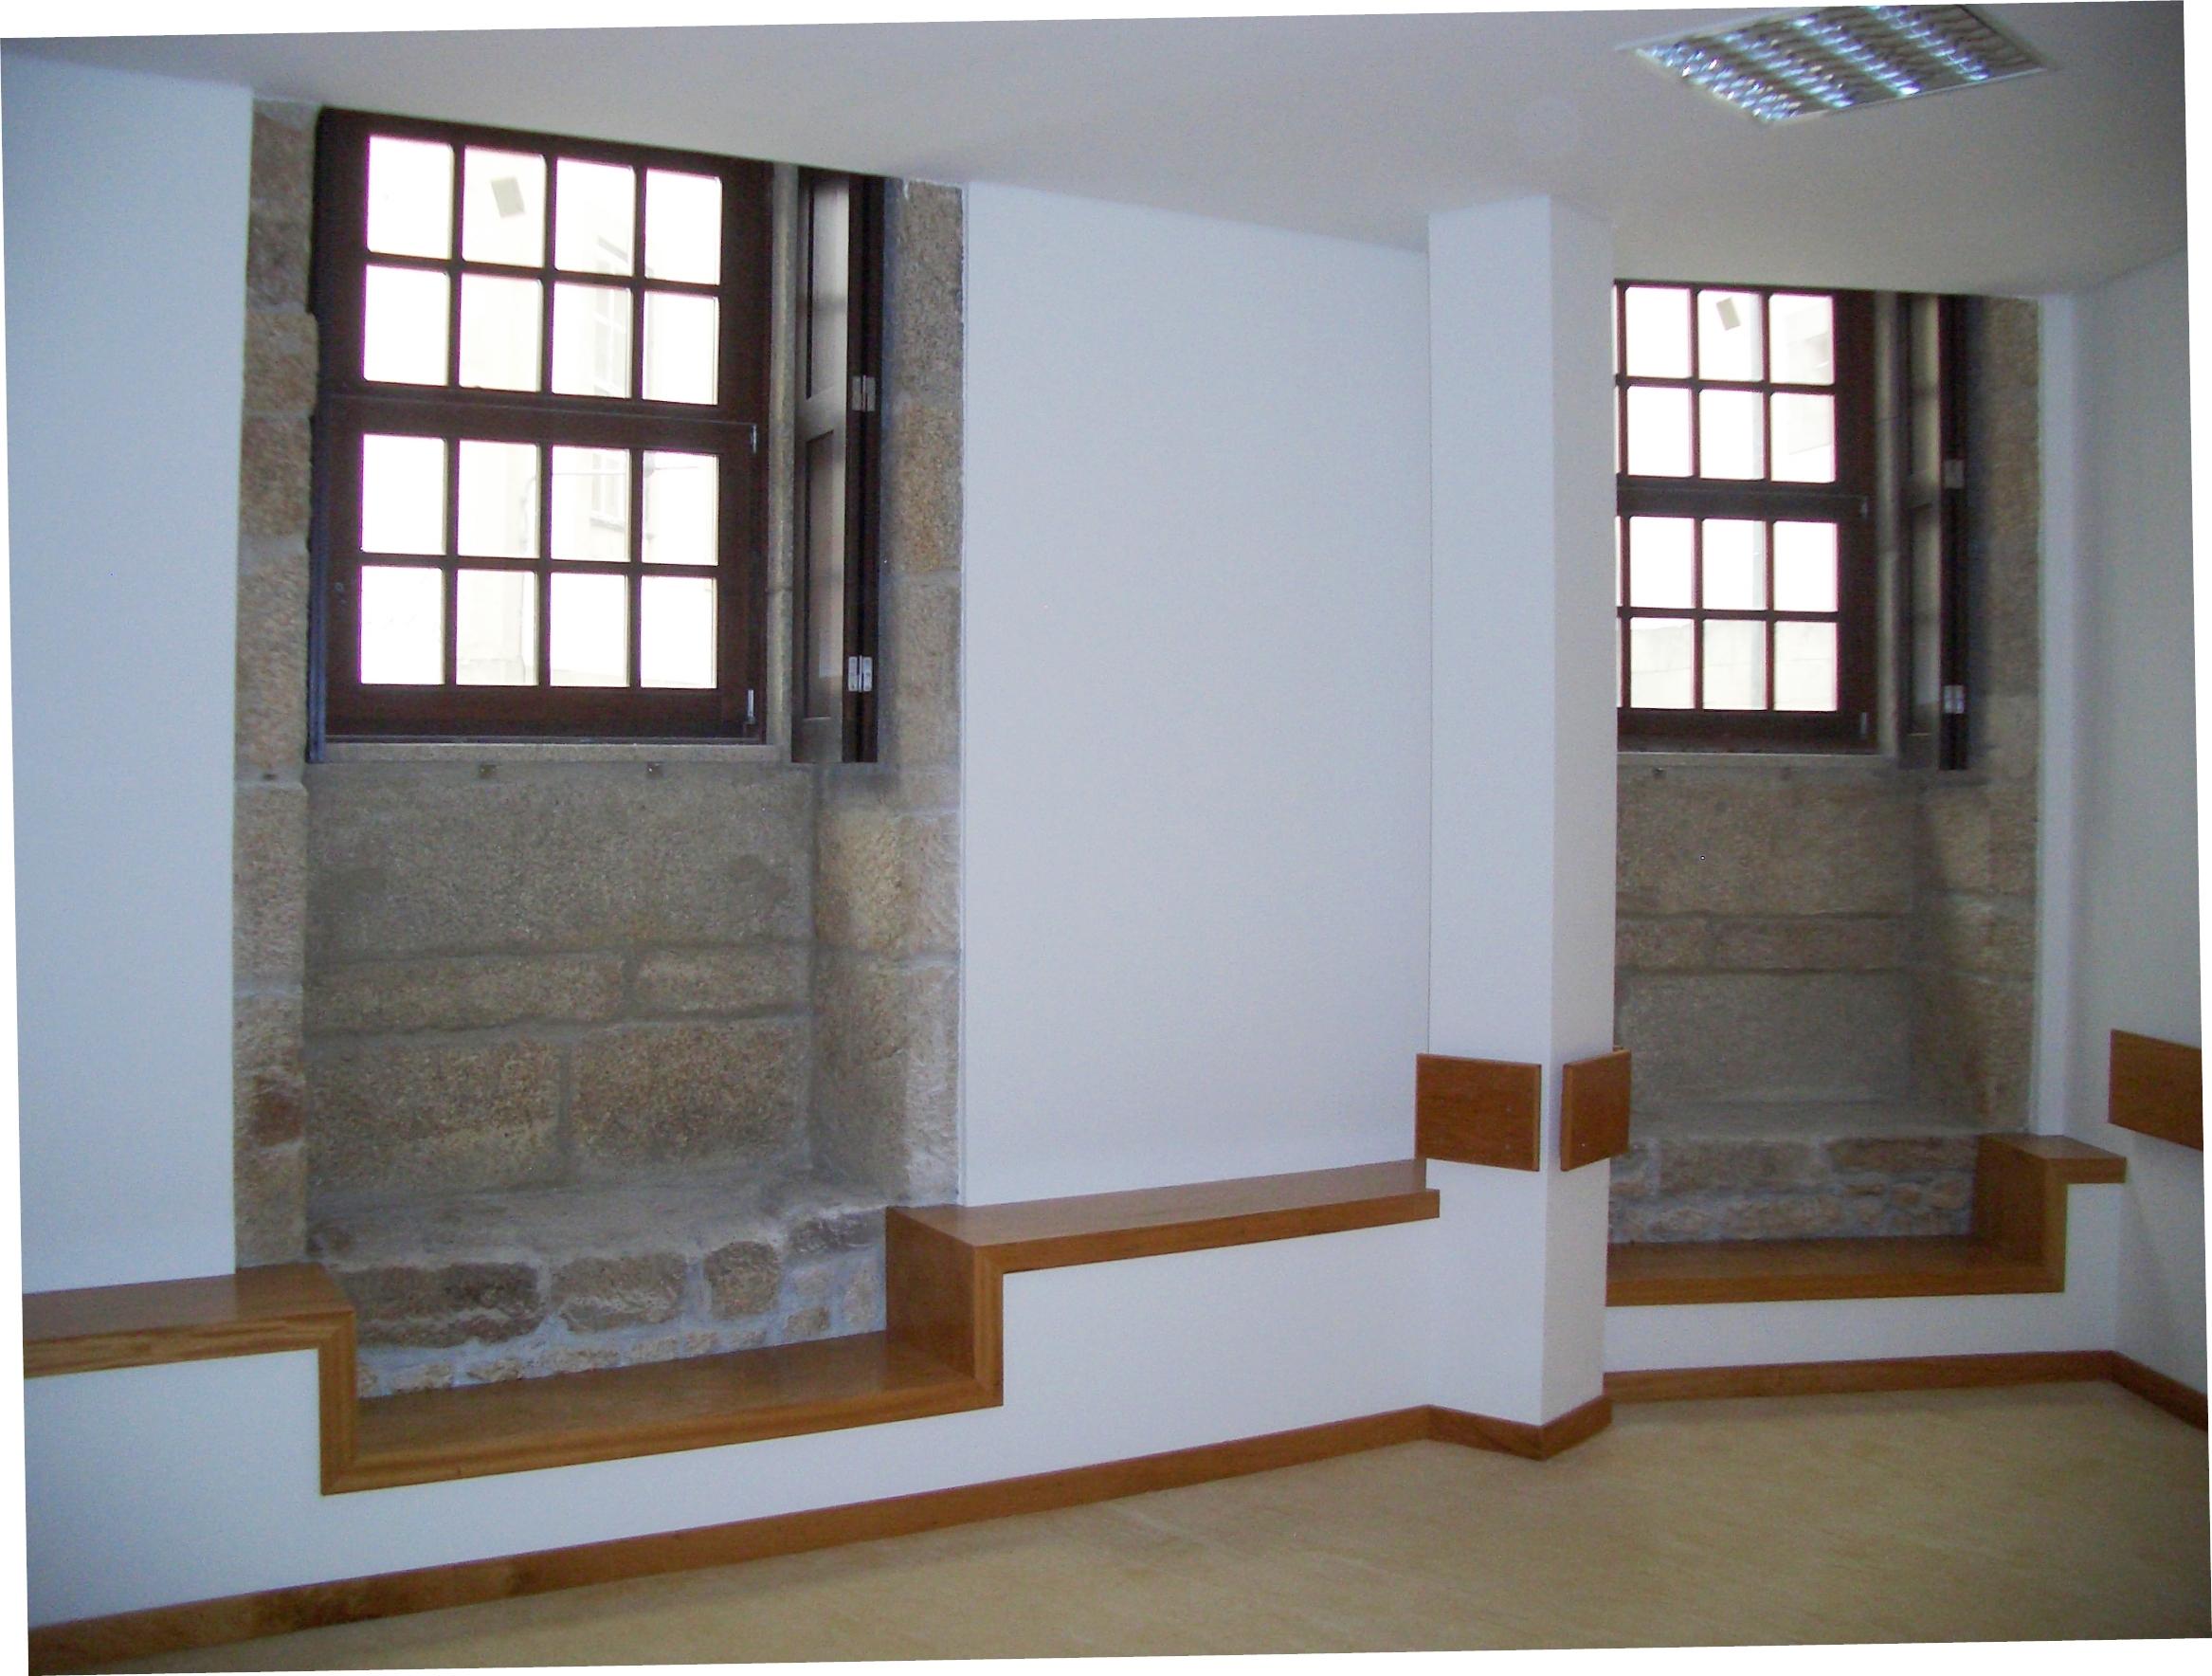 CAIXILHARIA MADEIRA > Janela em madeira modelo guilhotina >  #5F4732 2334 1768